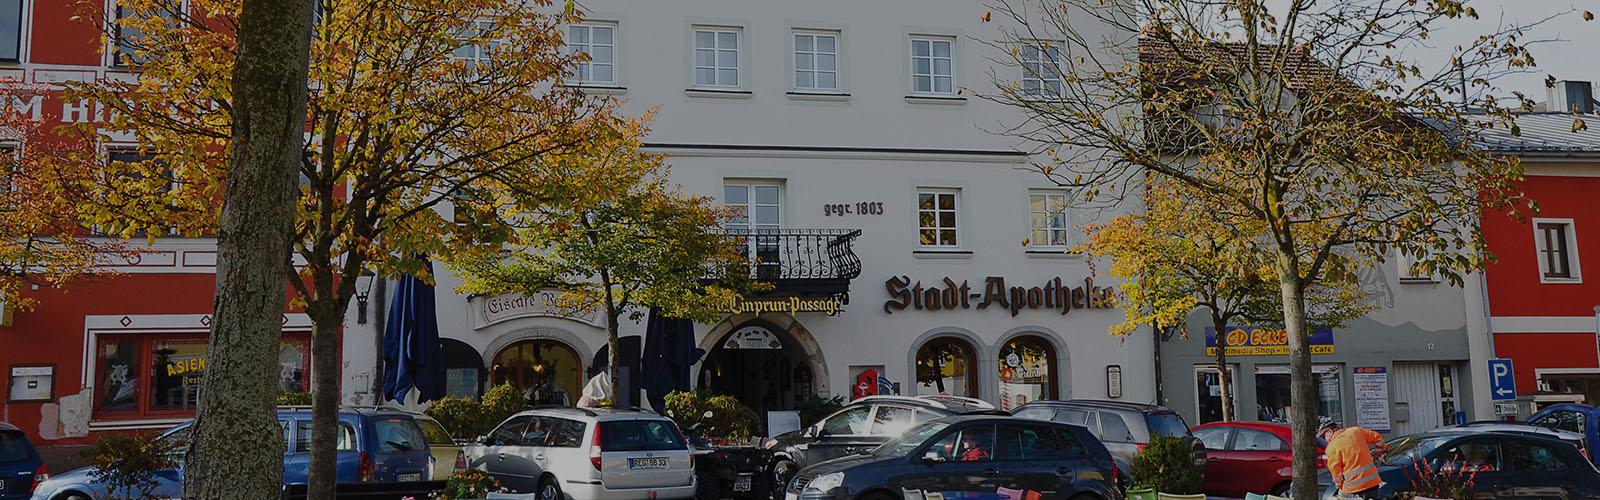 Stadtapotheke, Viechtach